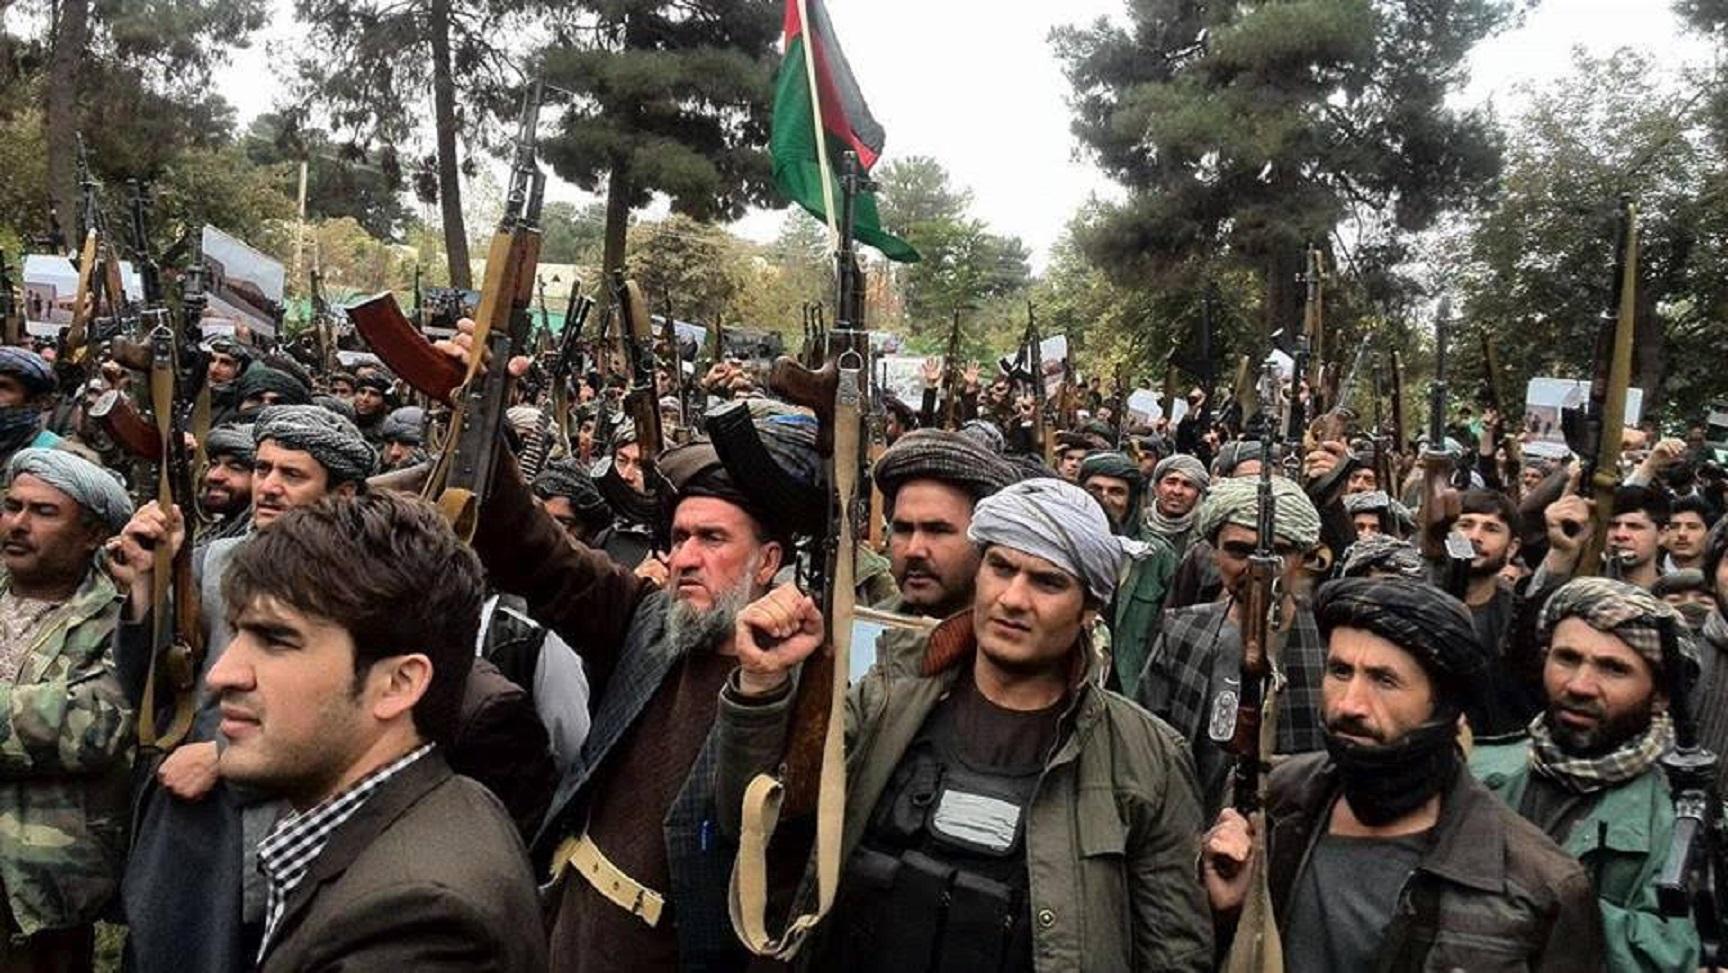 د فاریاب اوسېدونکو د طالبانو پر ضد لوی پاڅون وکړ